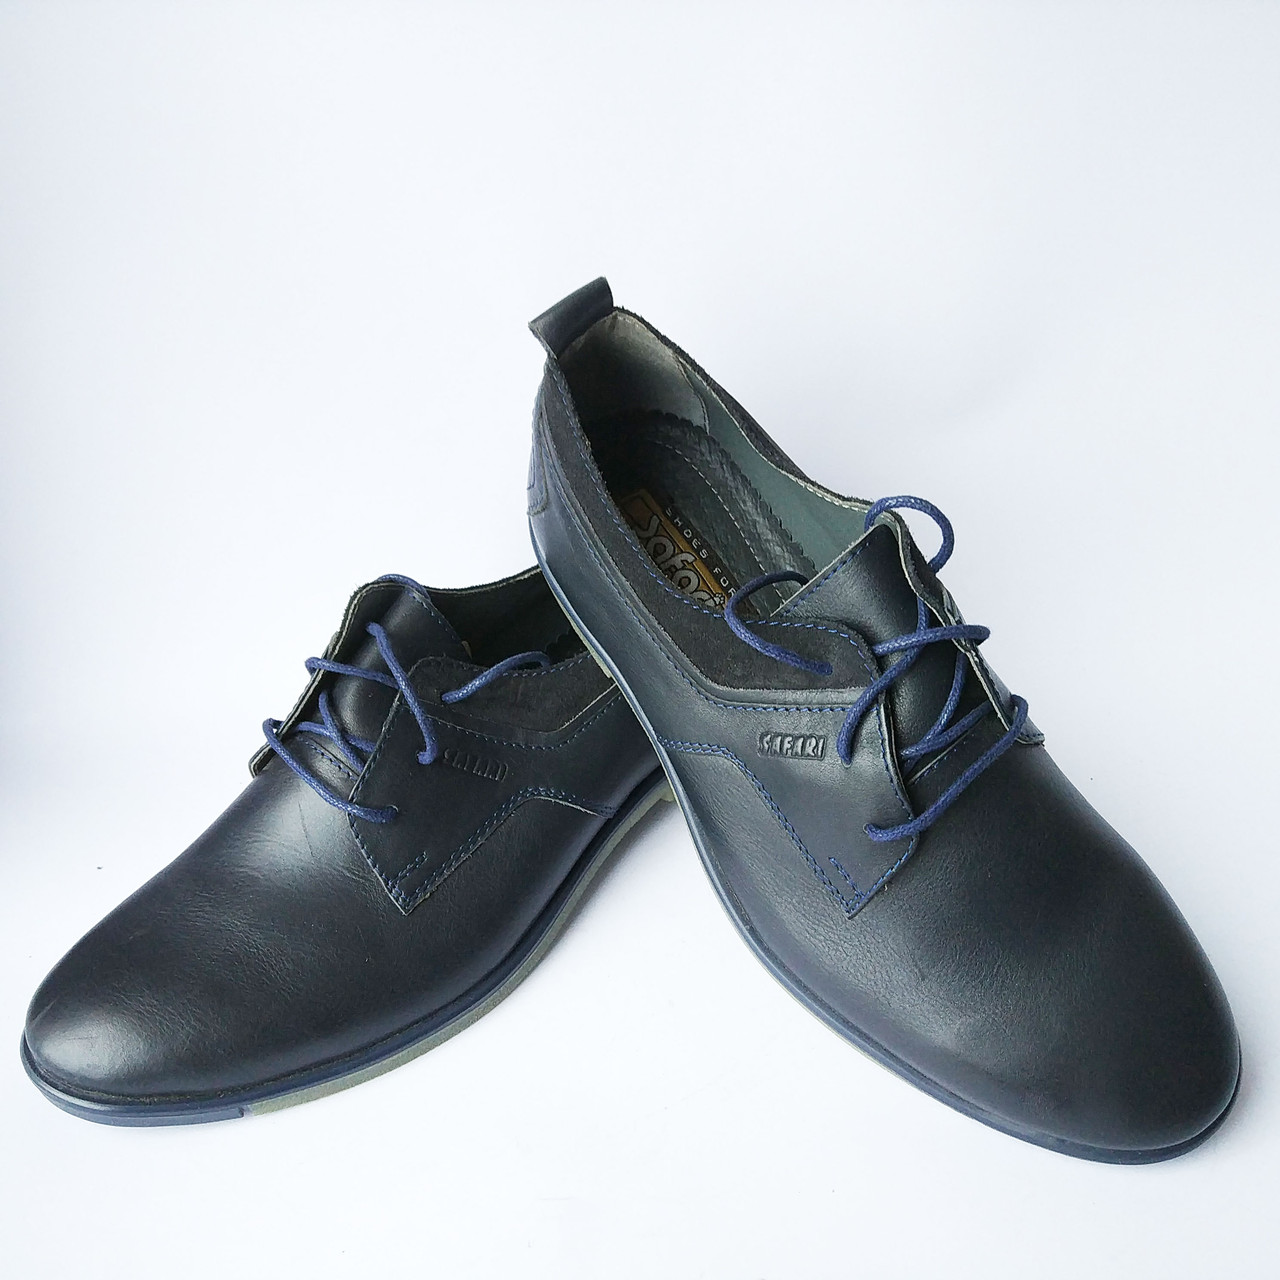 34ca7a15a Синие туфли на шнурках от Safari - Интернет-магазин